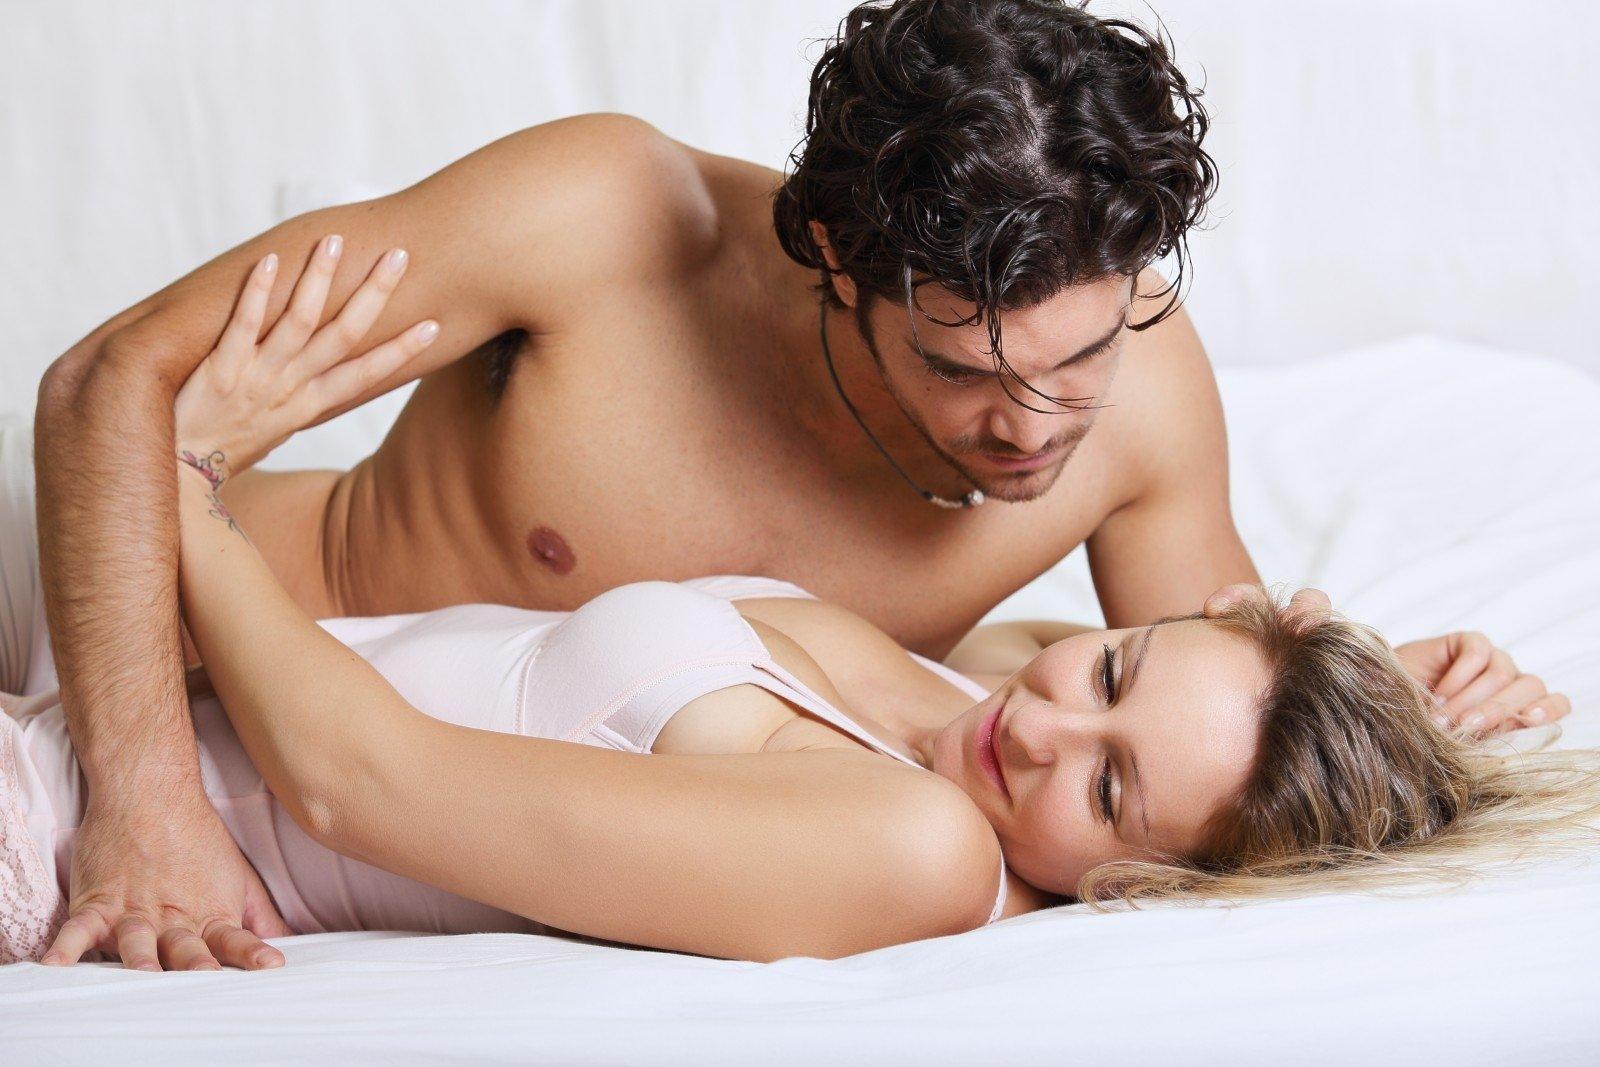 Самых больших извращенные эксперименты в сексе домашнее порно